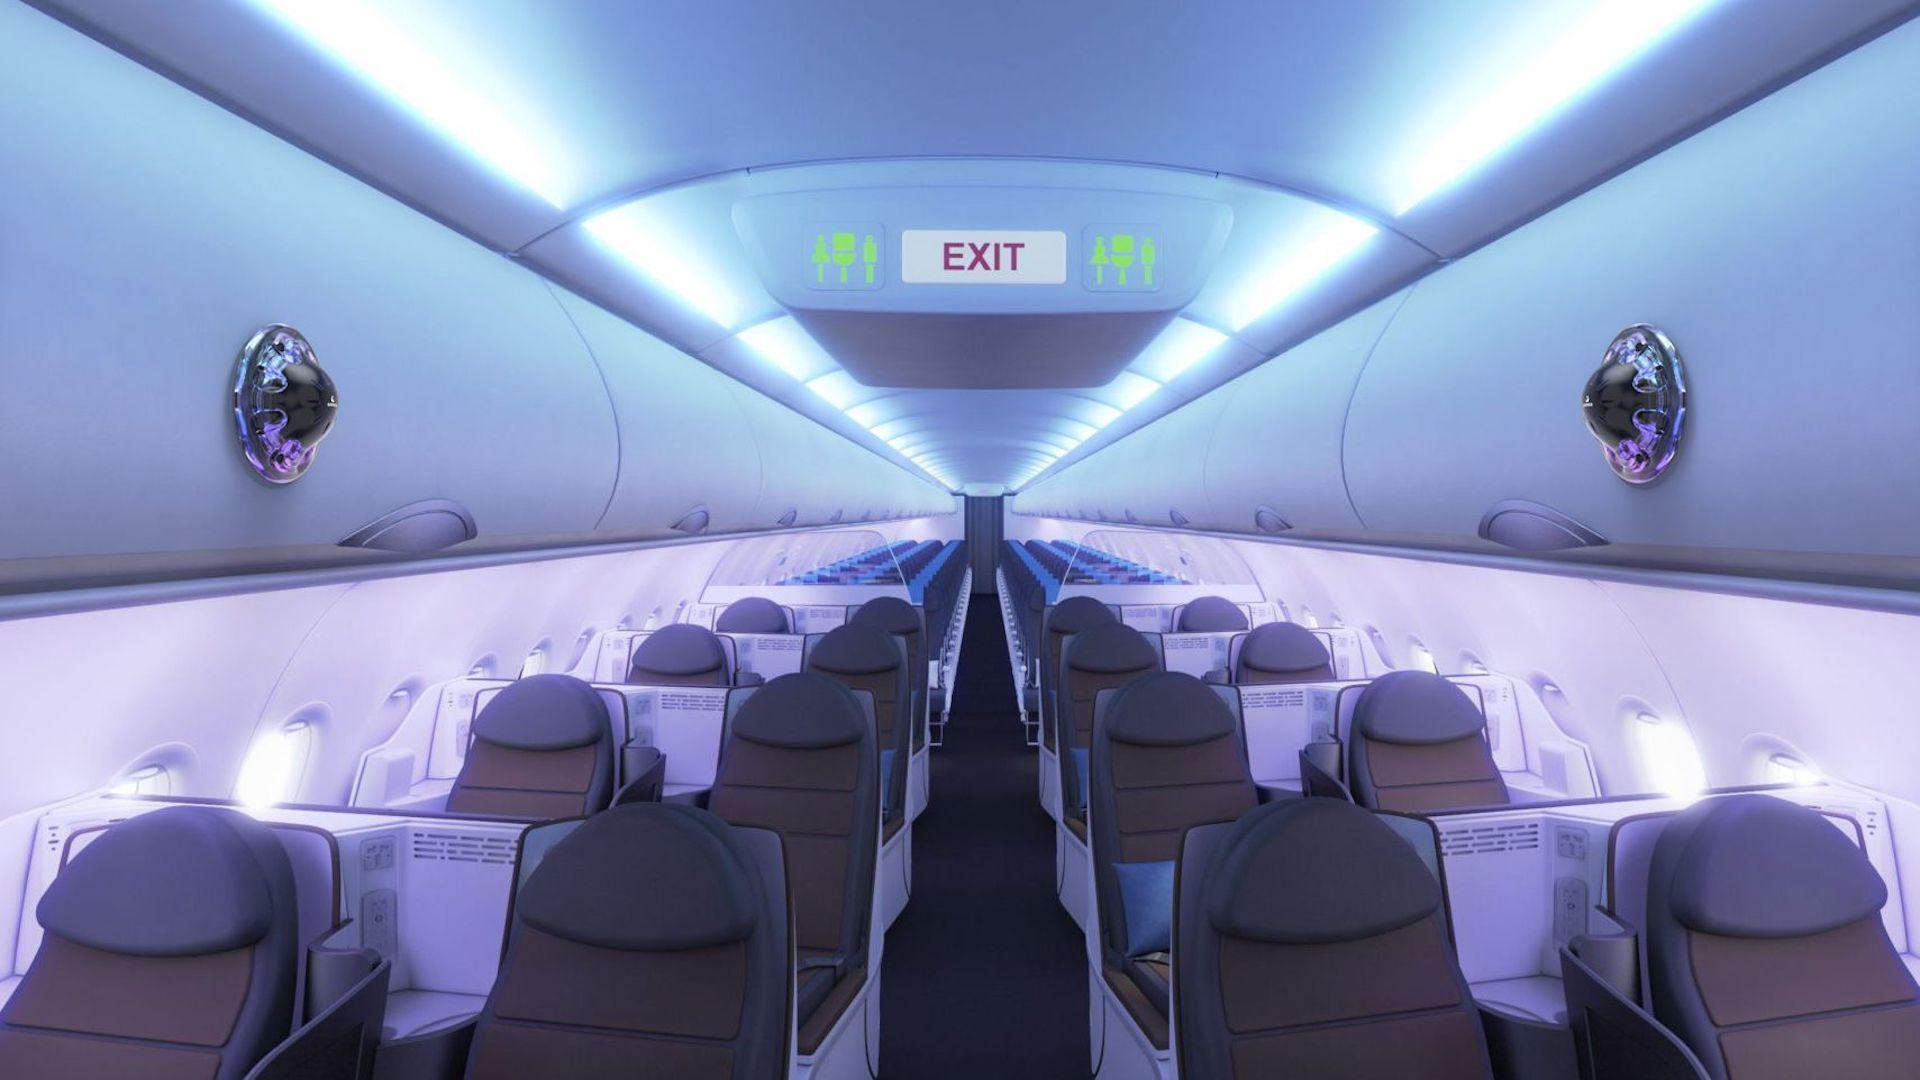 Airbus pondrá sensores de olor para detectar explosivos (y coronavirus)